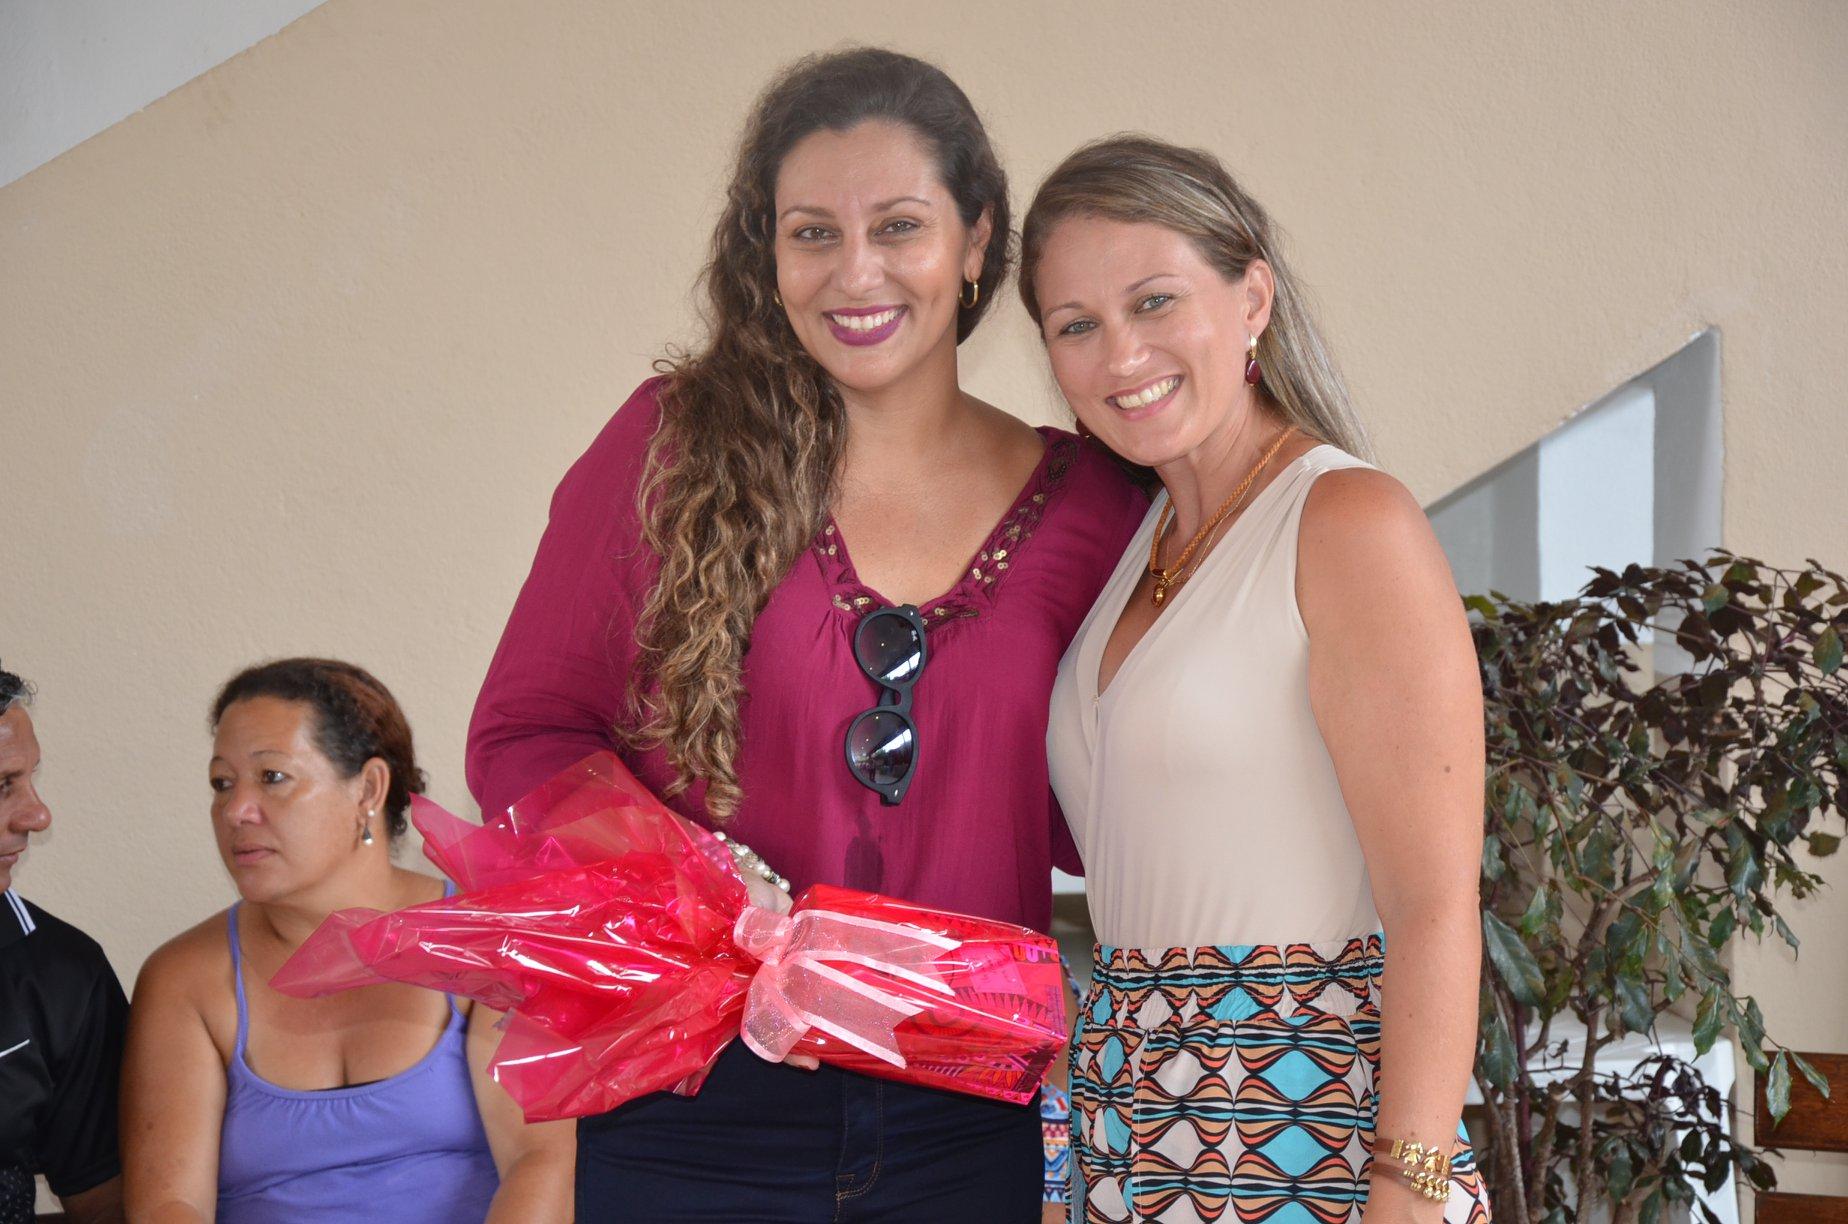 A Prefeitura de Macuco através da Secretaria de Trabalho Envelhecimento Saudável e da Juventude promoveram hoje,(08), uma festa em homenagem ao Dia Internacional da Mulher.